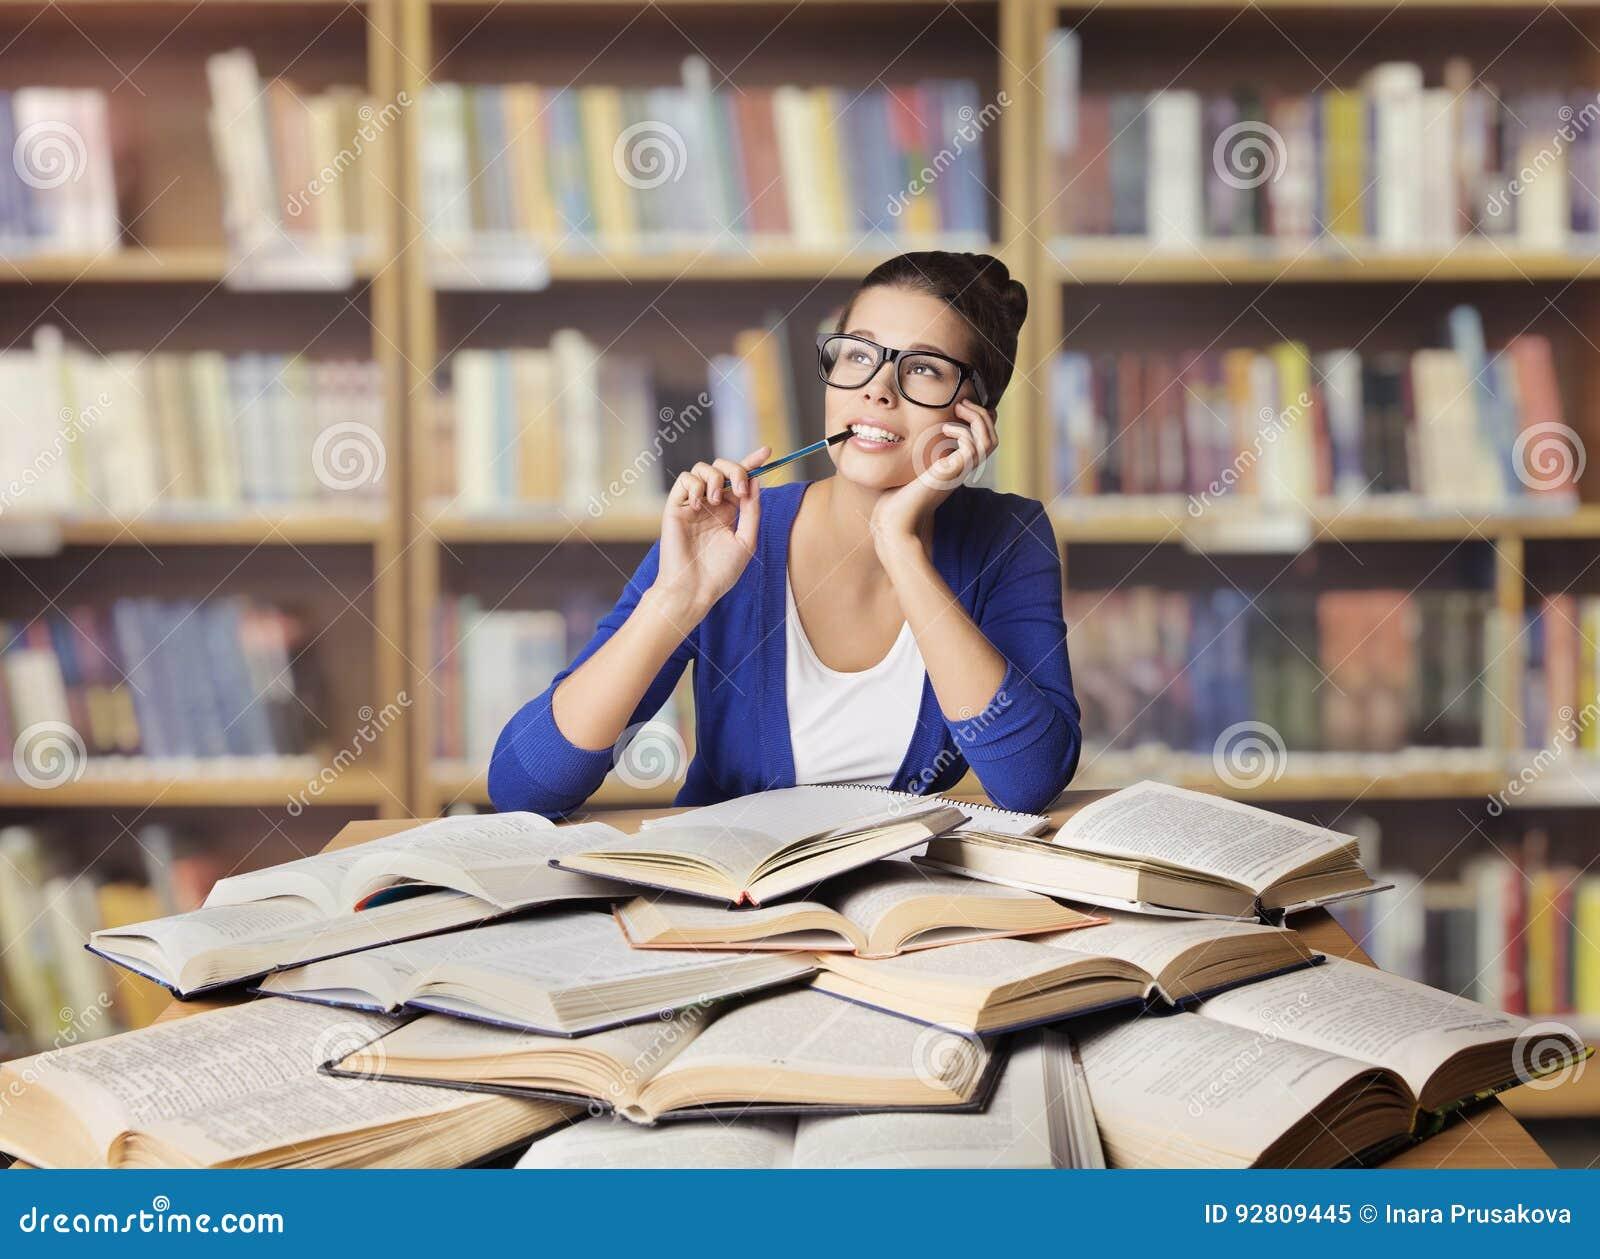 妇女在图书馆,学生研究被打开的书里,学习女孩